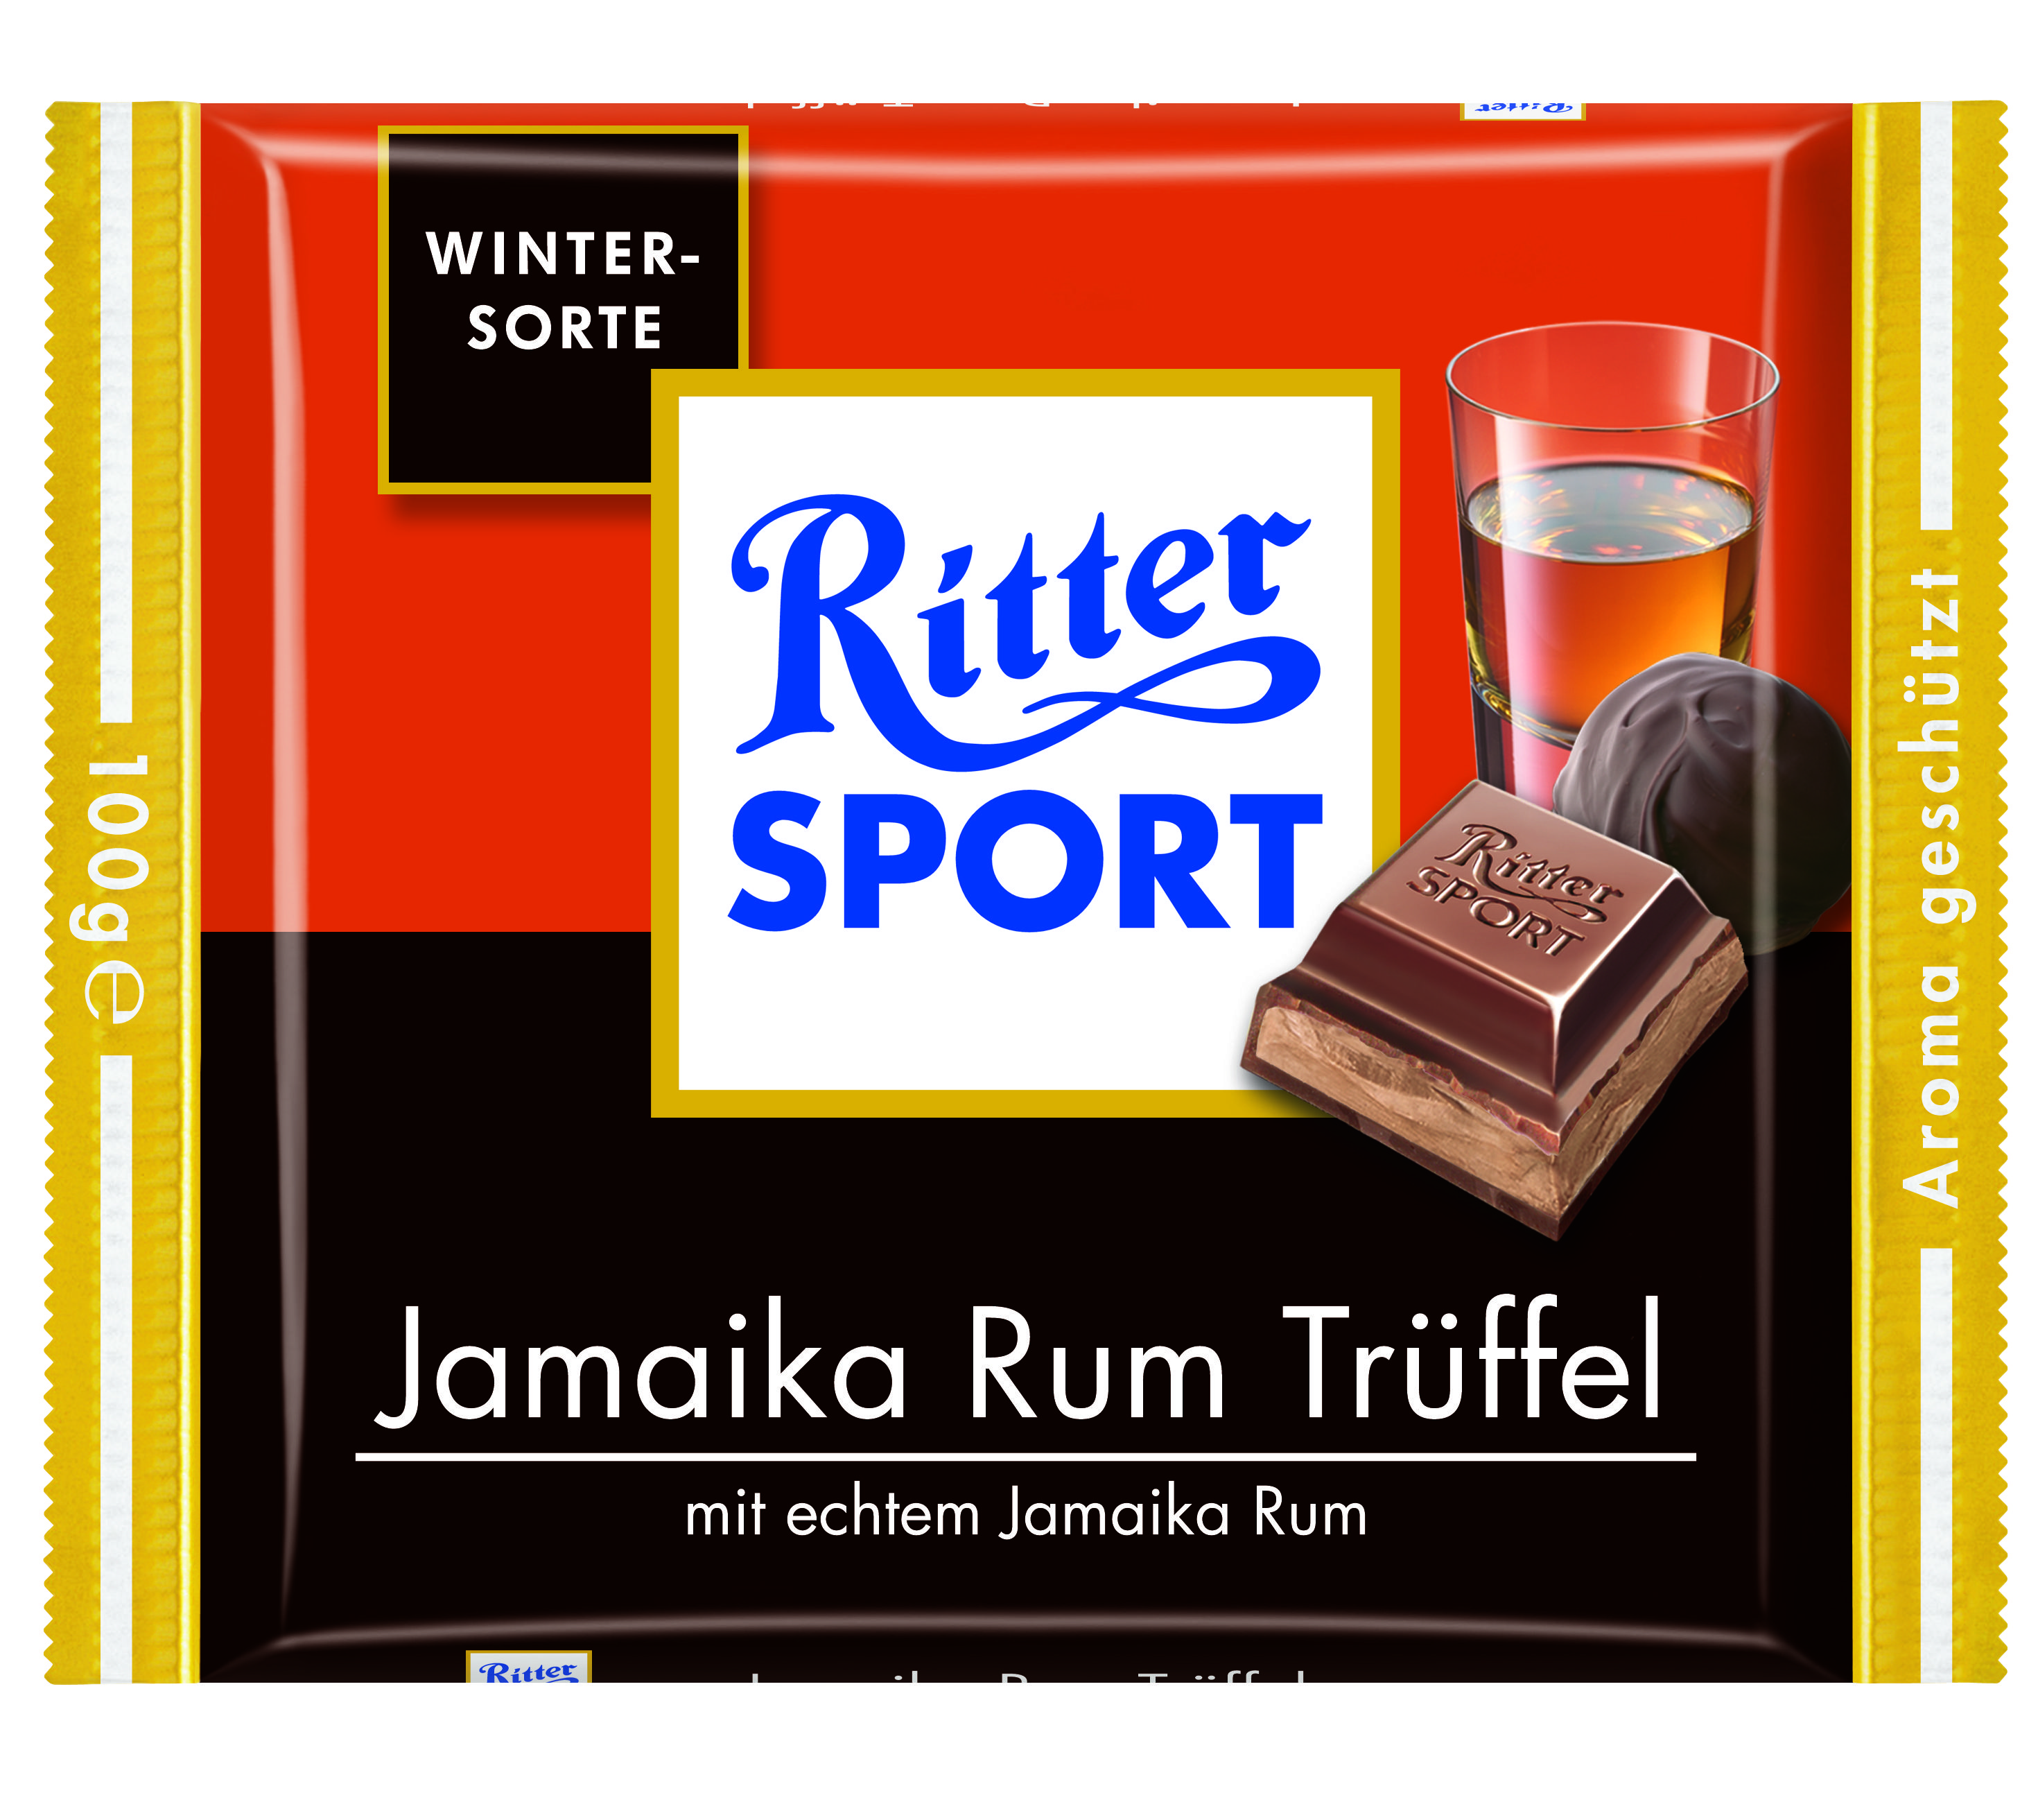 RITTER SPORT Jamaika Rum Trüffel (2008) Best candy bar